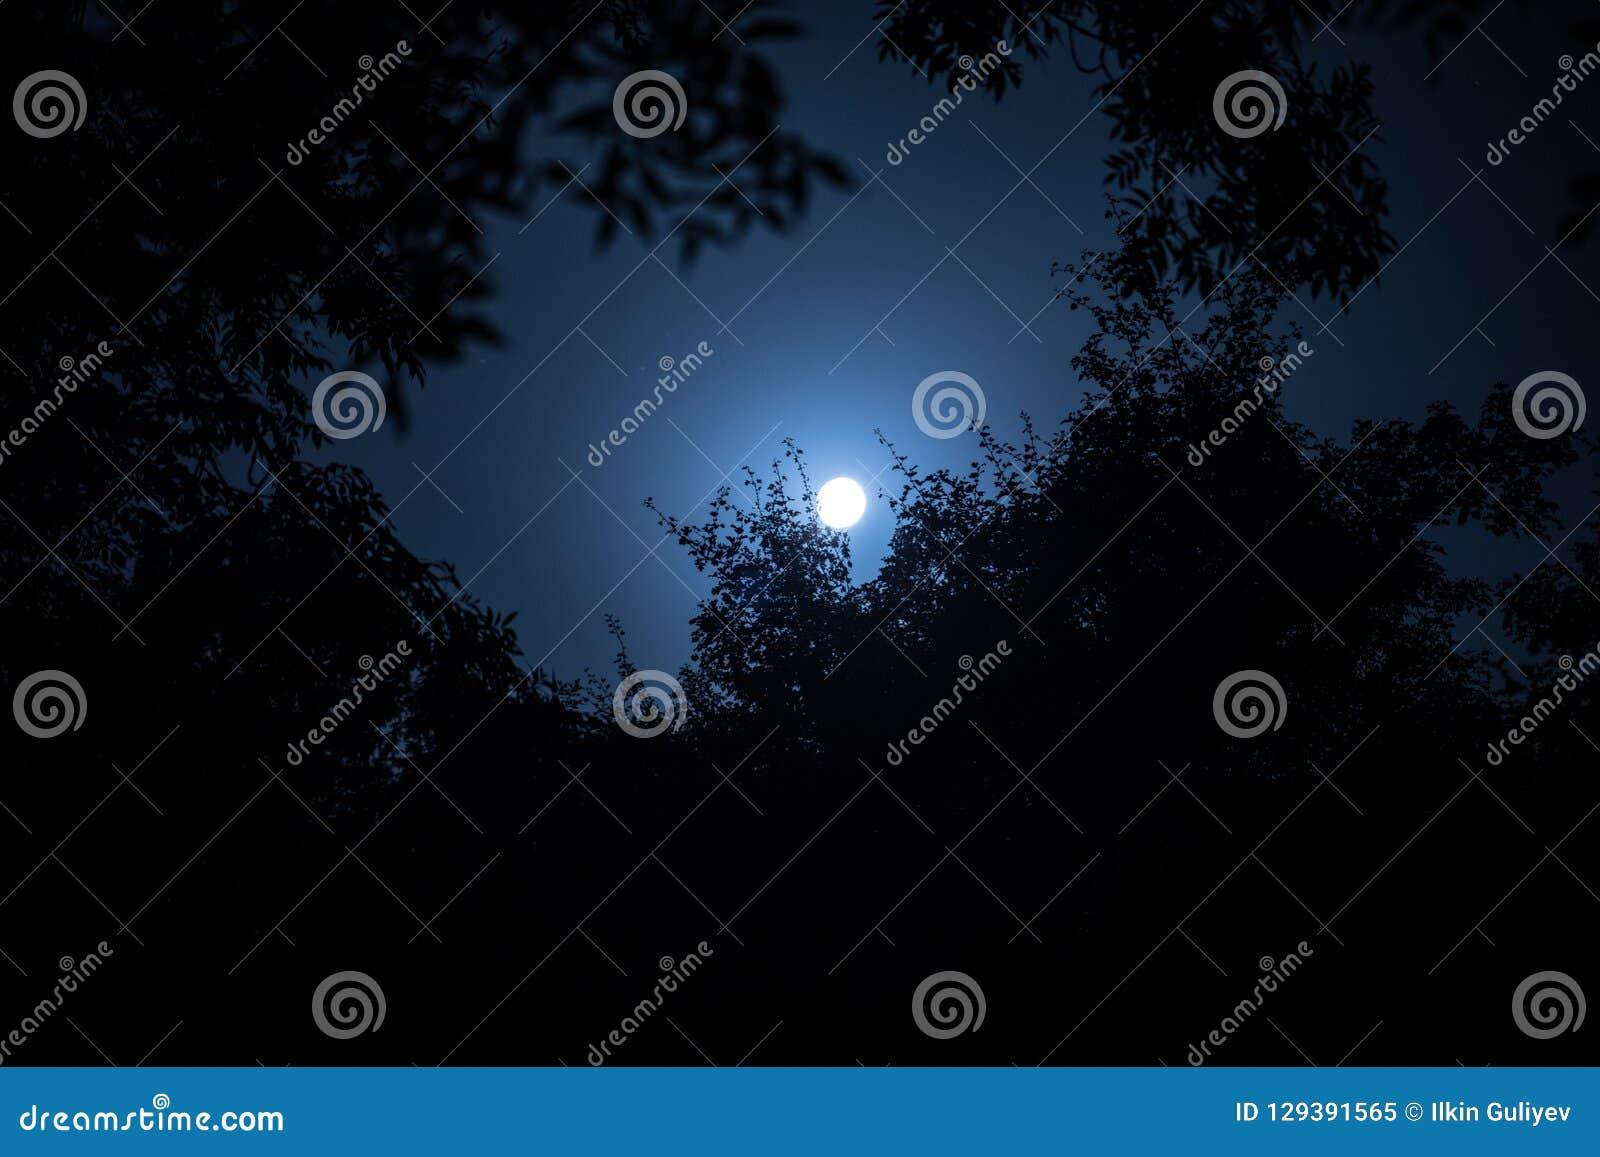 Luce Di Notte.Paesaggio Di Notte Del Cielo E Della Luna Eccellente Con